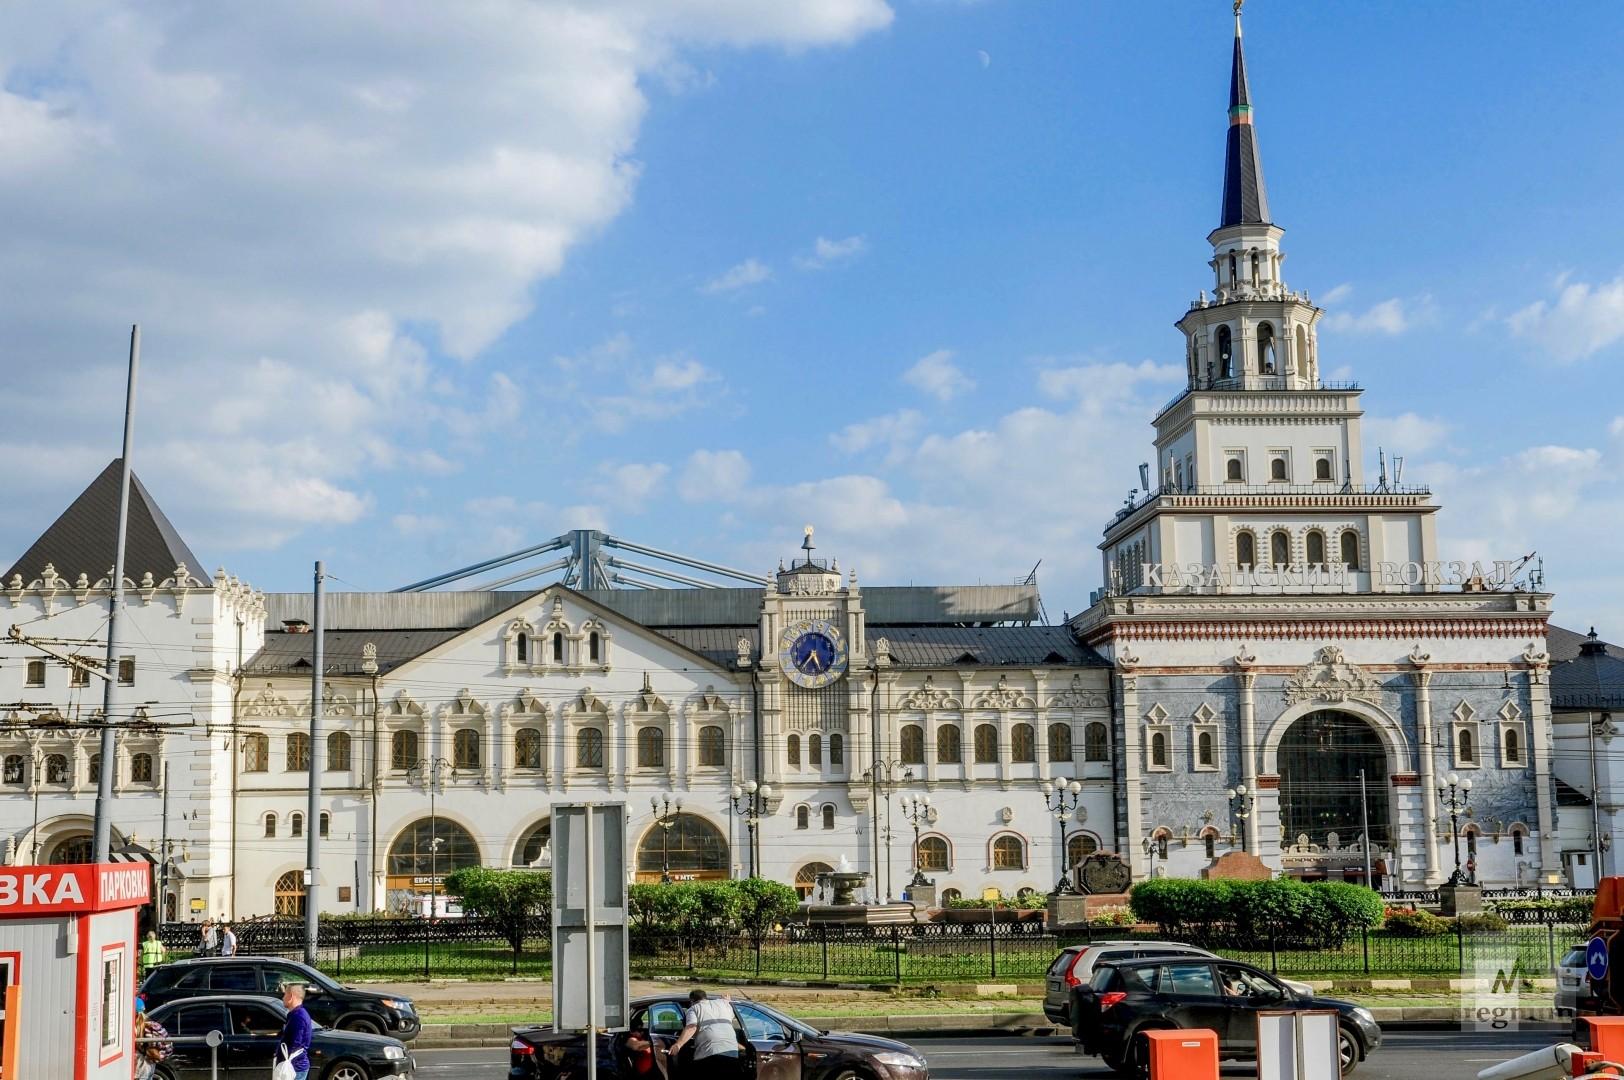 Купить цветы на казанском вокзале в москве, свадебных